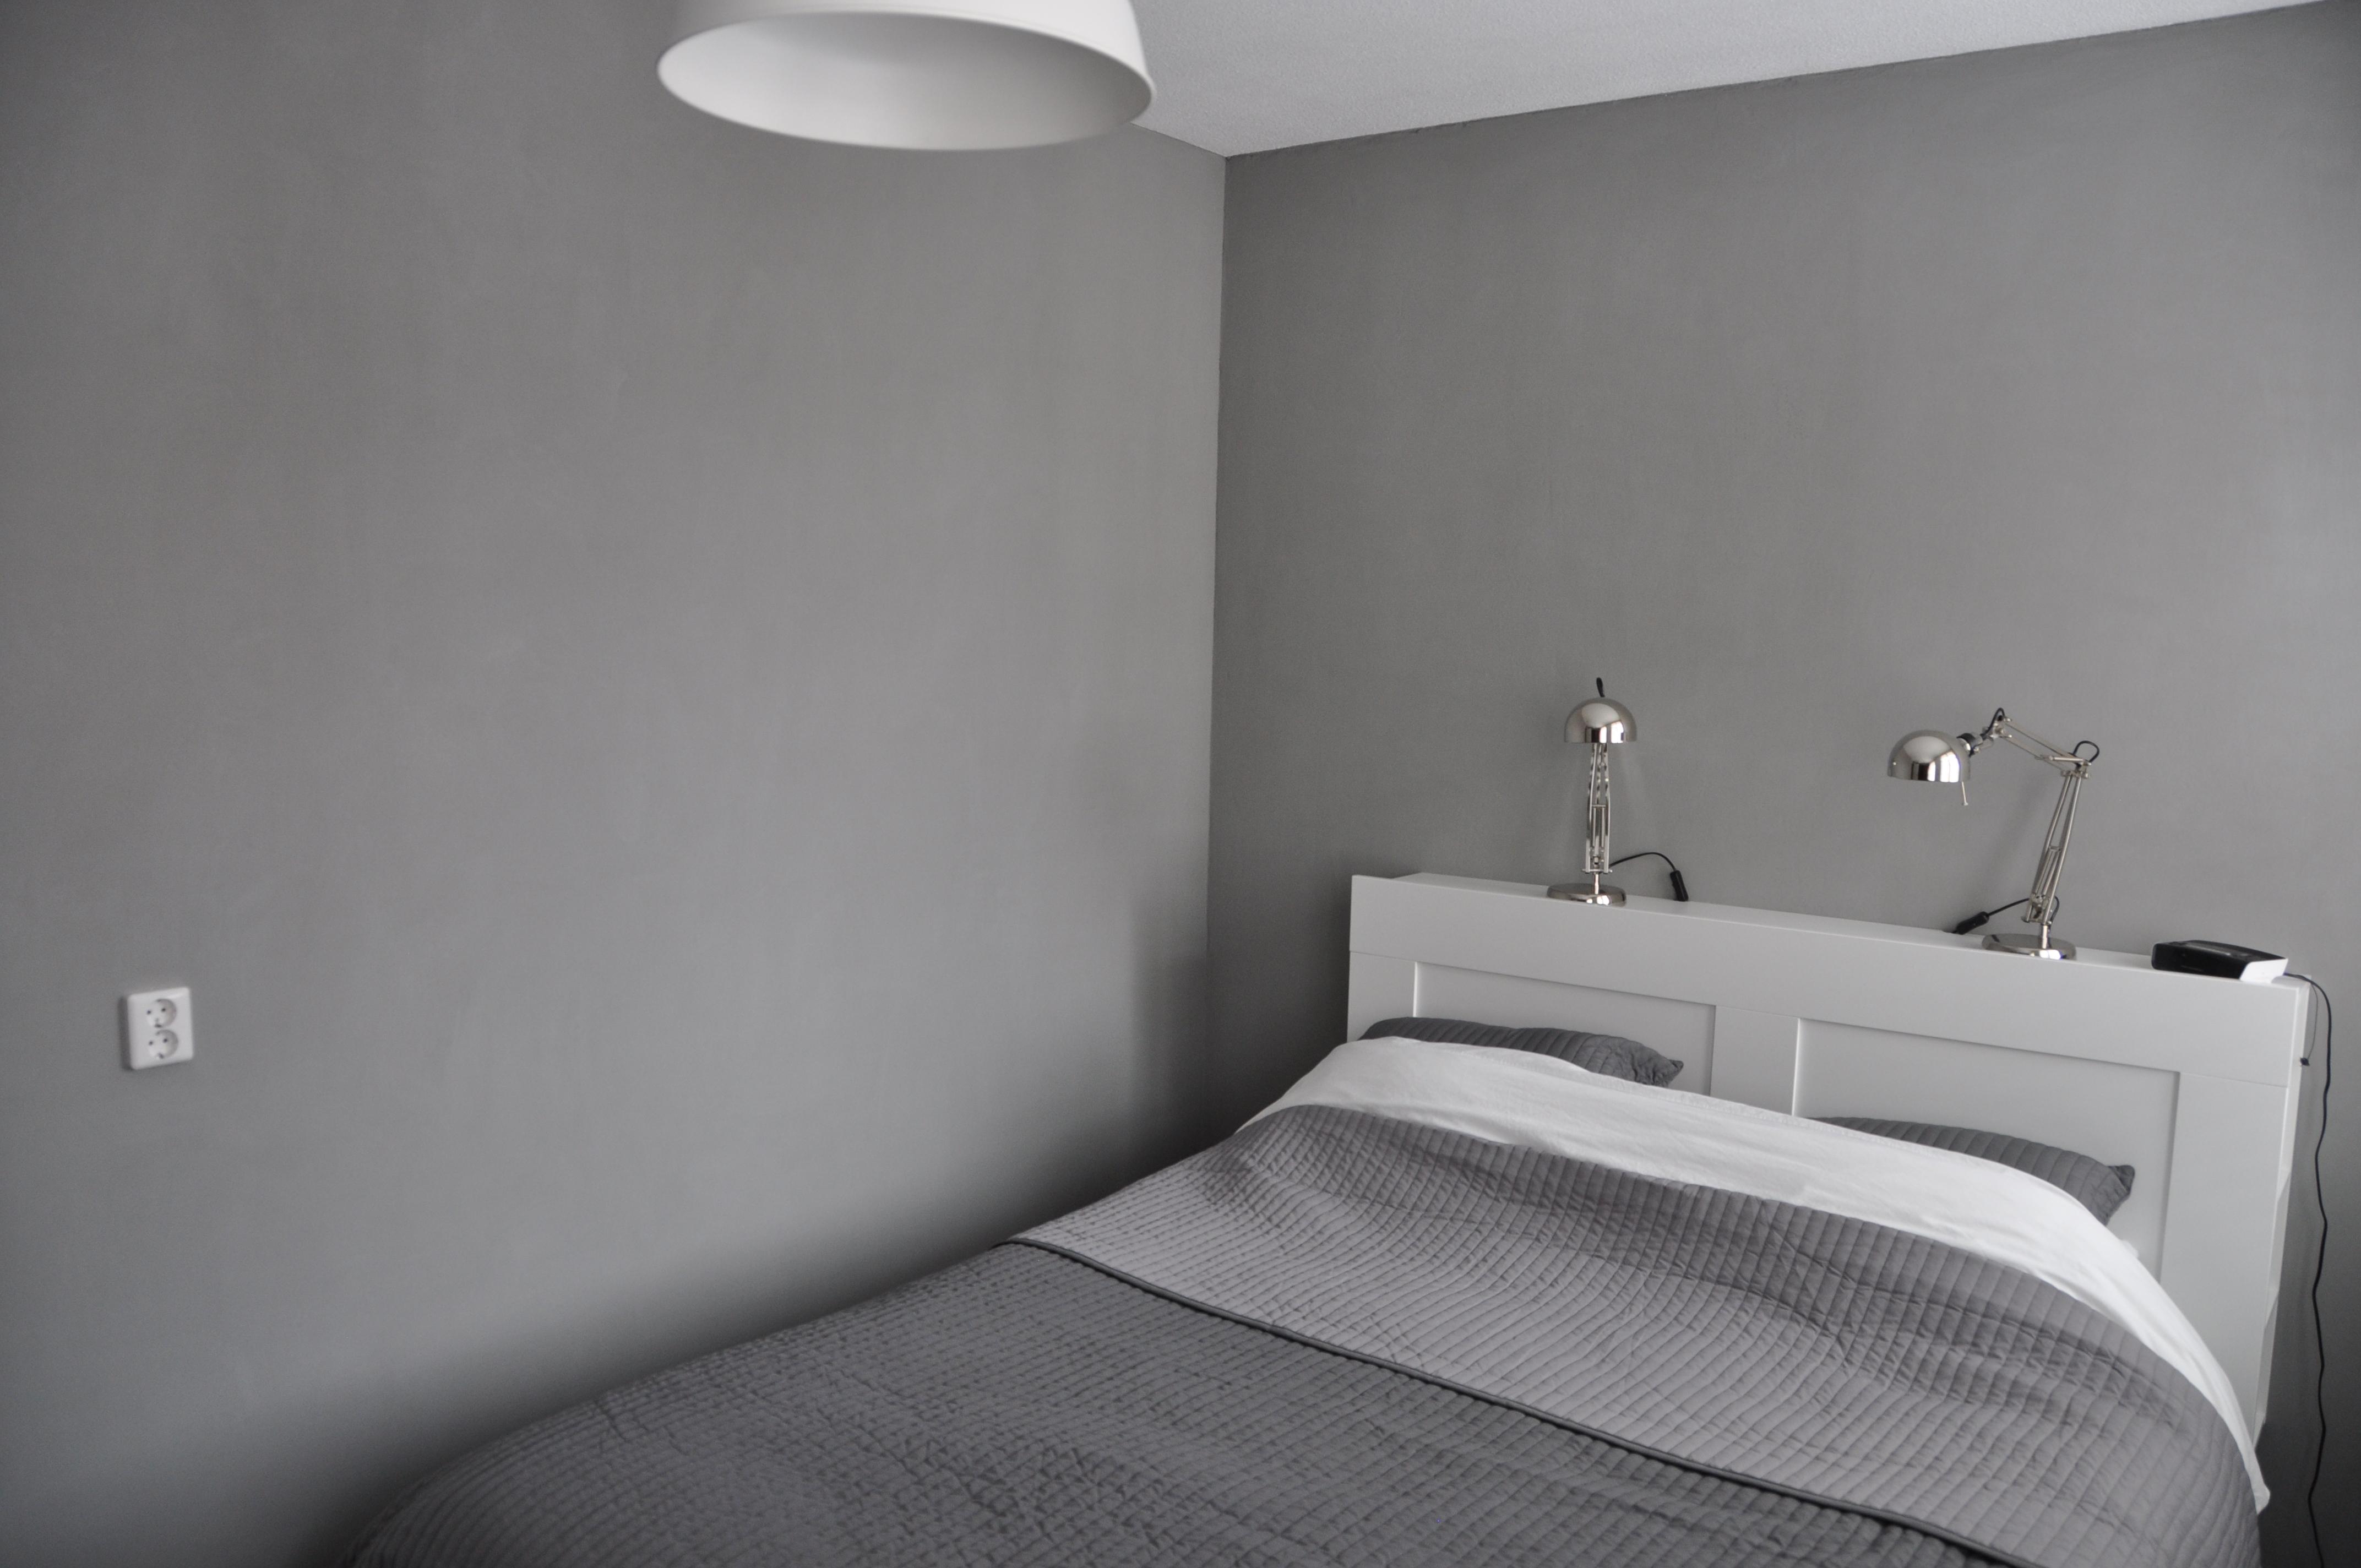 Slaapkamer ruil deel 2: van tekening tot eindresultaat - Blog ...